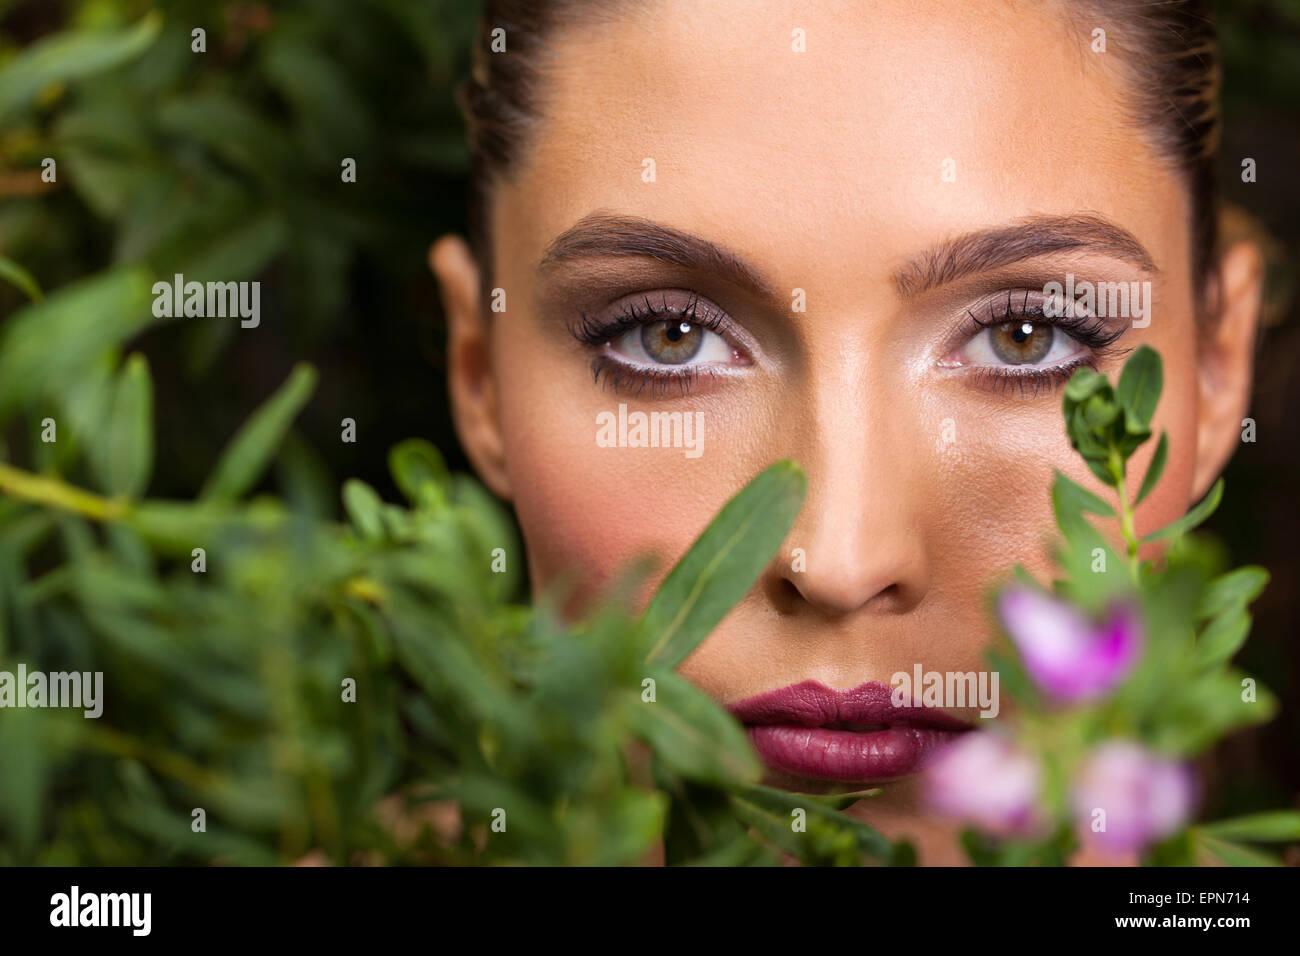 Bella giovane donna in posa tra il verde delle foglie Foto Stock